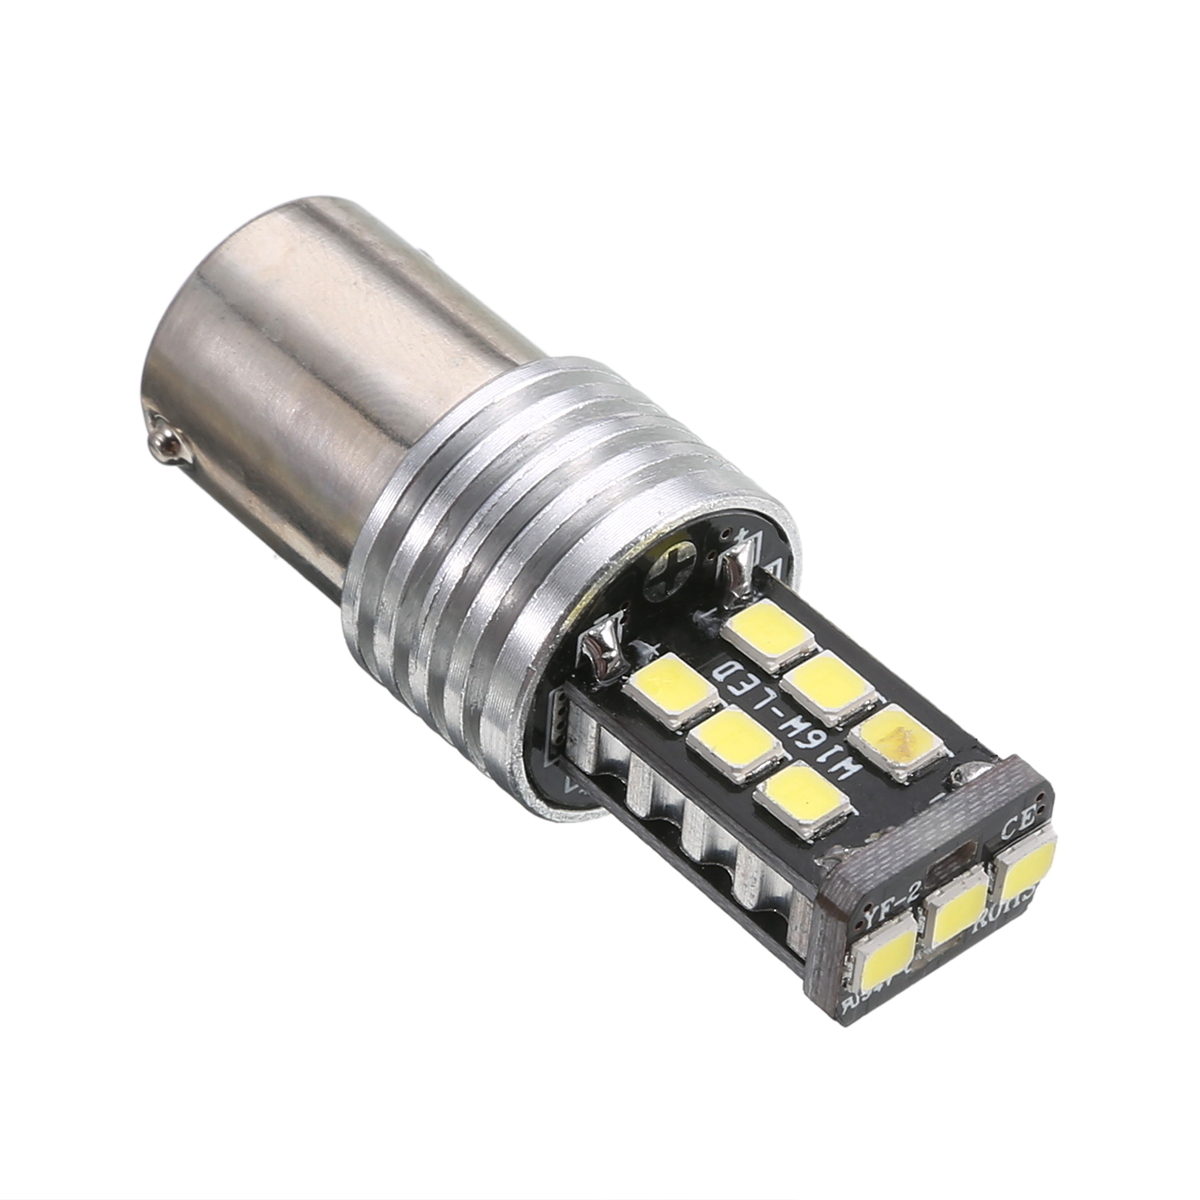 Hot 1PCS DC 12V 1156 P21W BA15S 2835 15LED Canbus Car Reverse Backup Tail Light Bulb High Light White LED Lighting Bulb